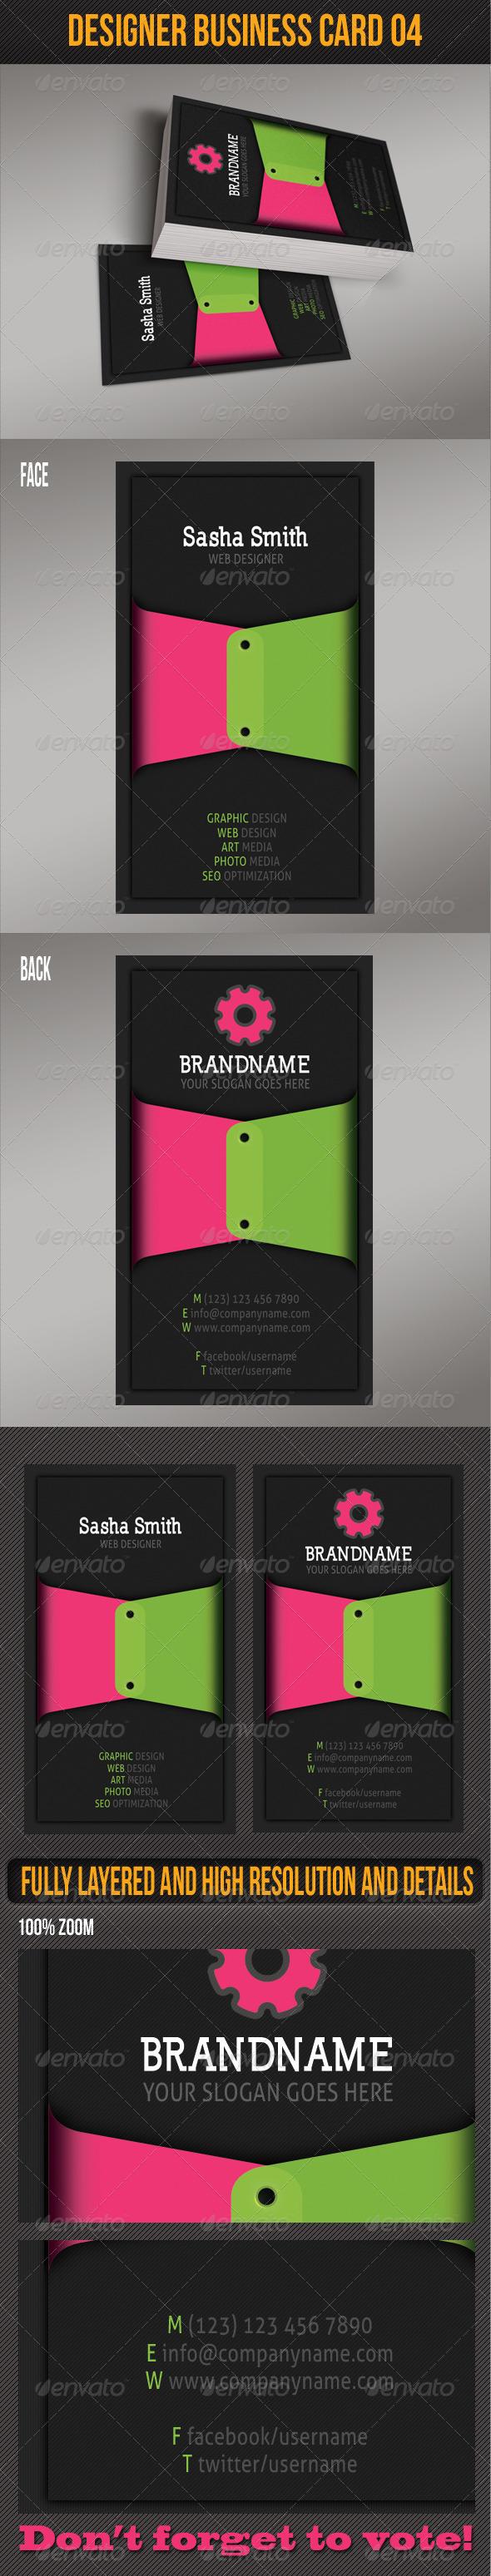 GraphicRiver Designer Business Card 04 4998587